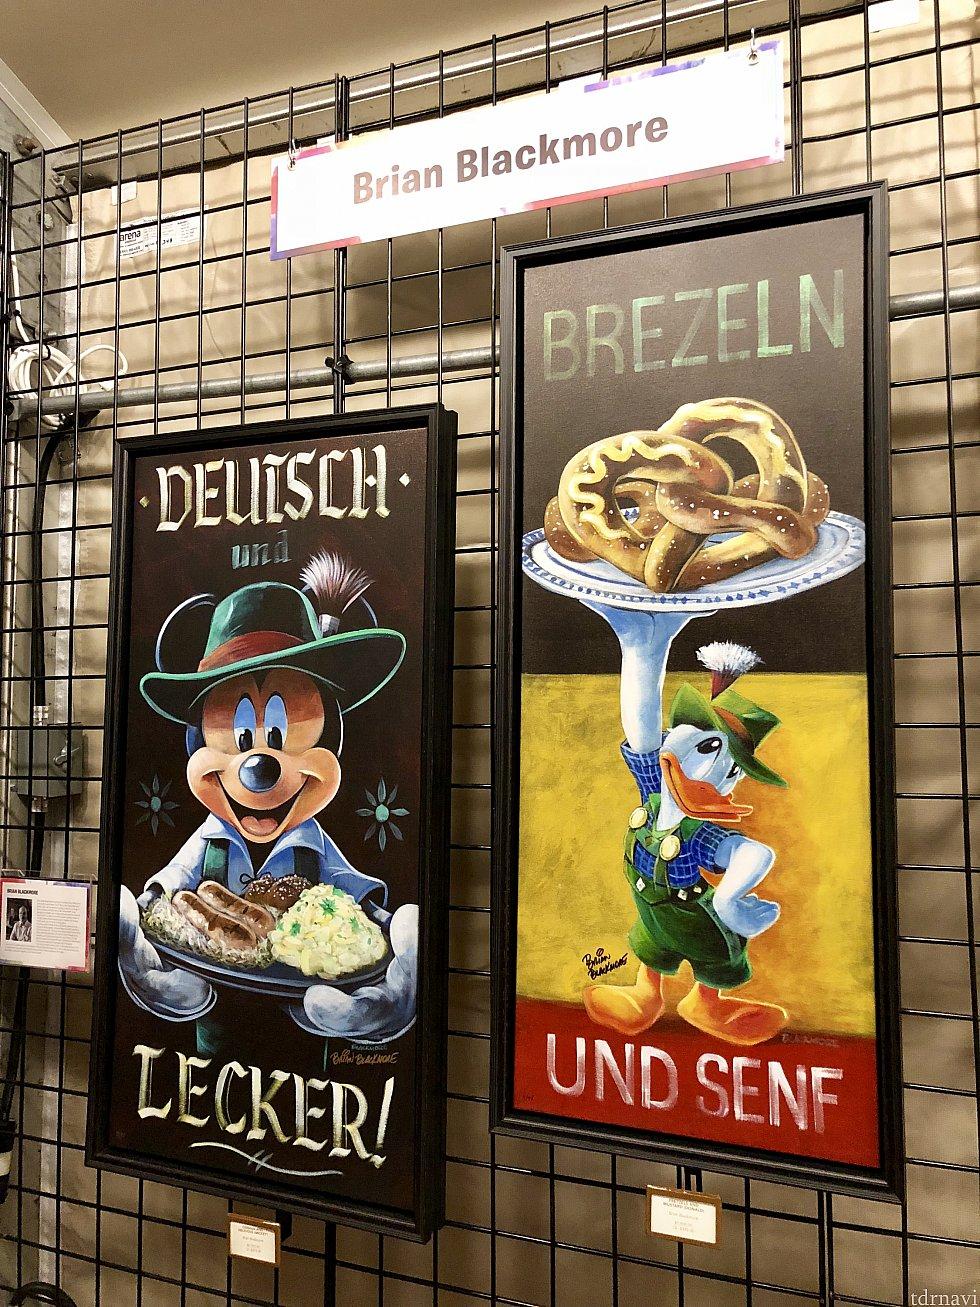 ドイツ館と言うか、ドイツがテーマの作品。レタリングとミッキー達の重厚な感じも珍しいスタイルで良いですよね。